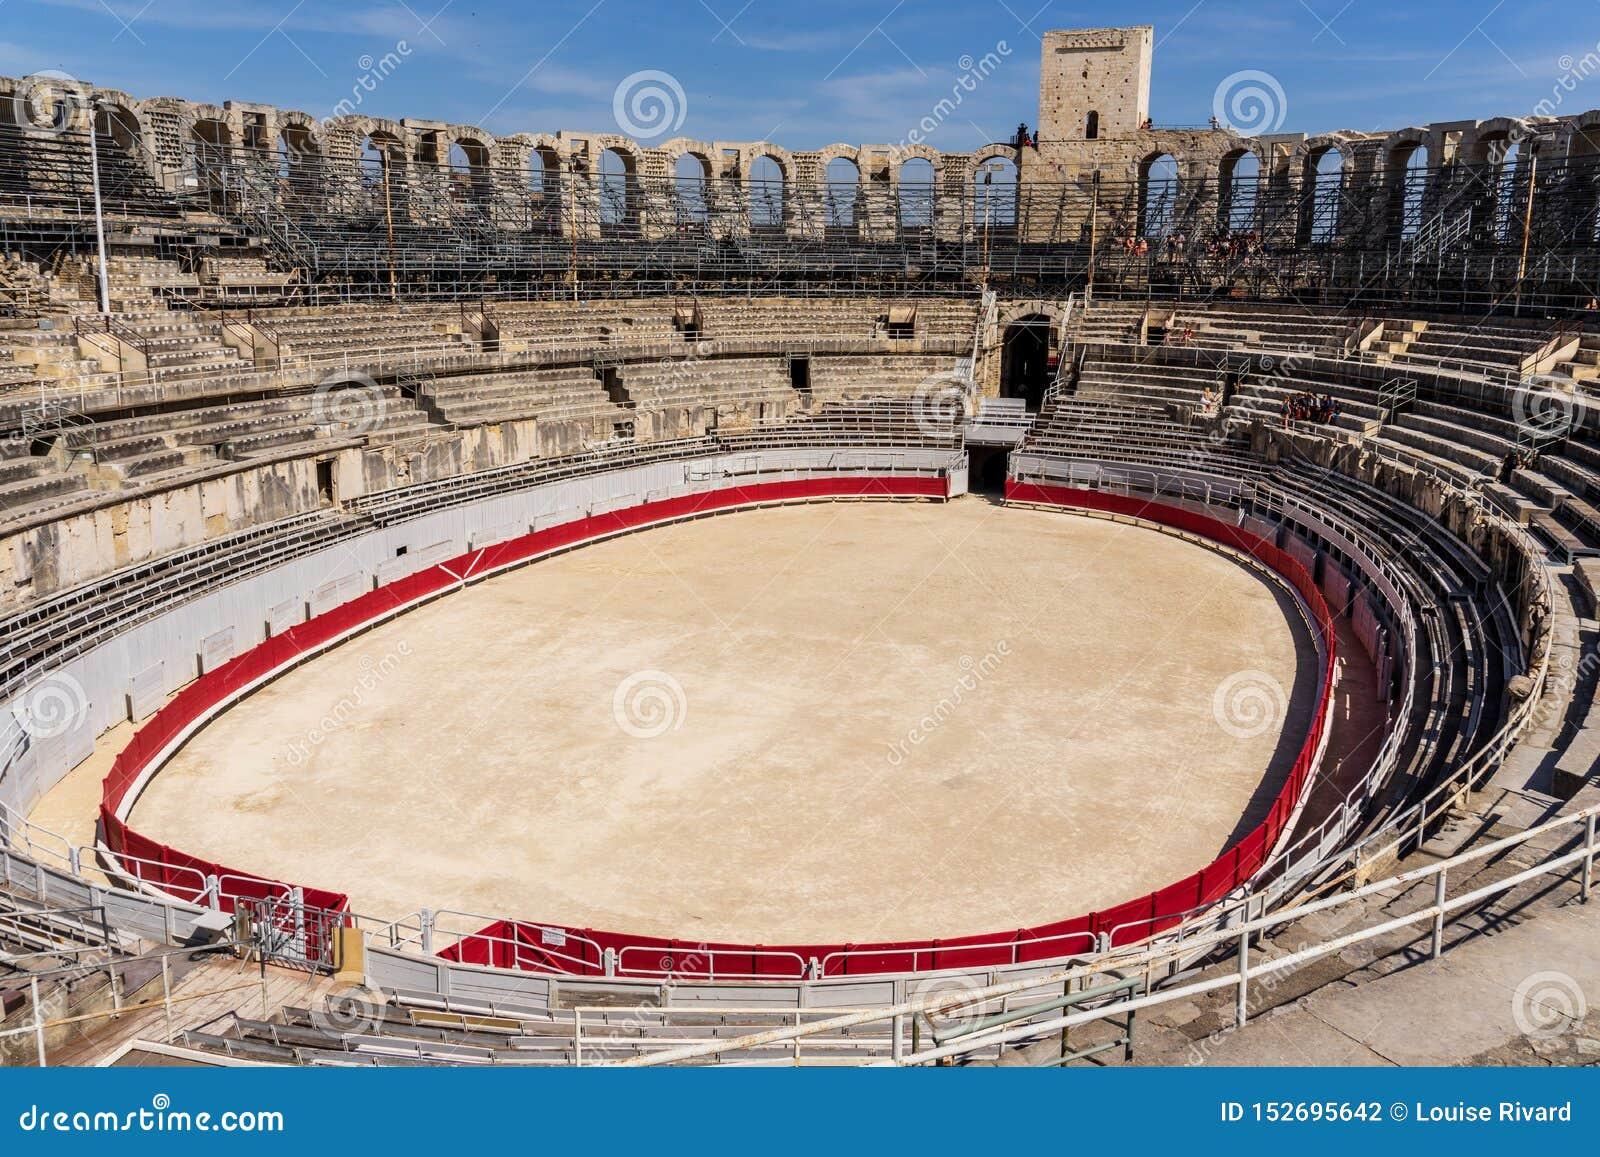 Römischer Amphitheatre bei Arles in Frankreich